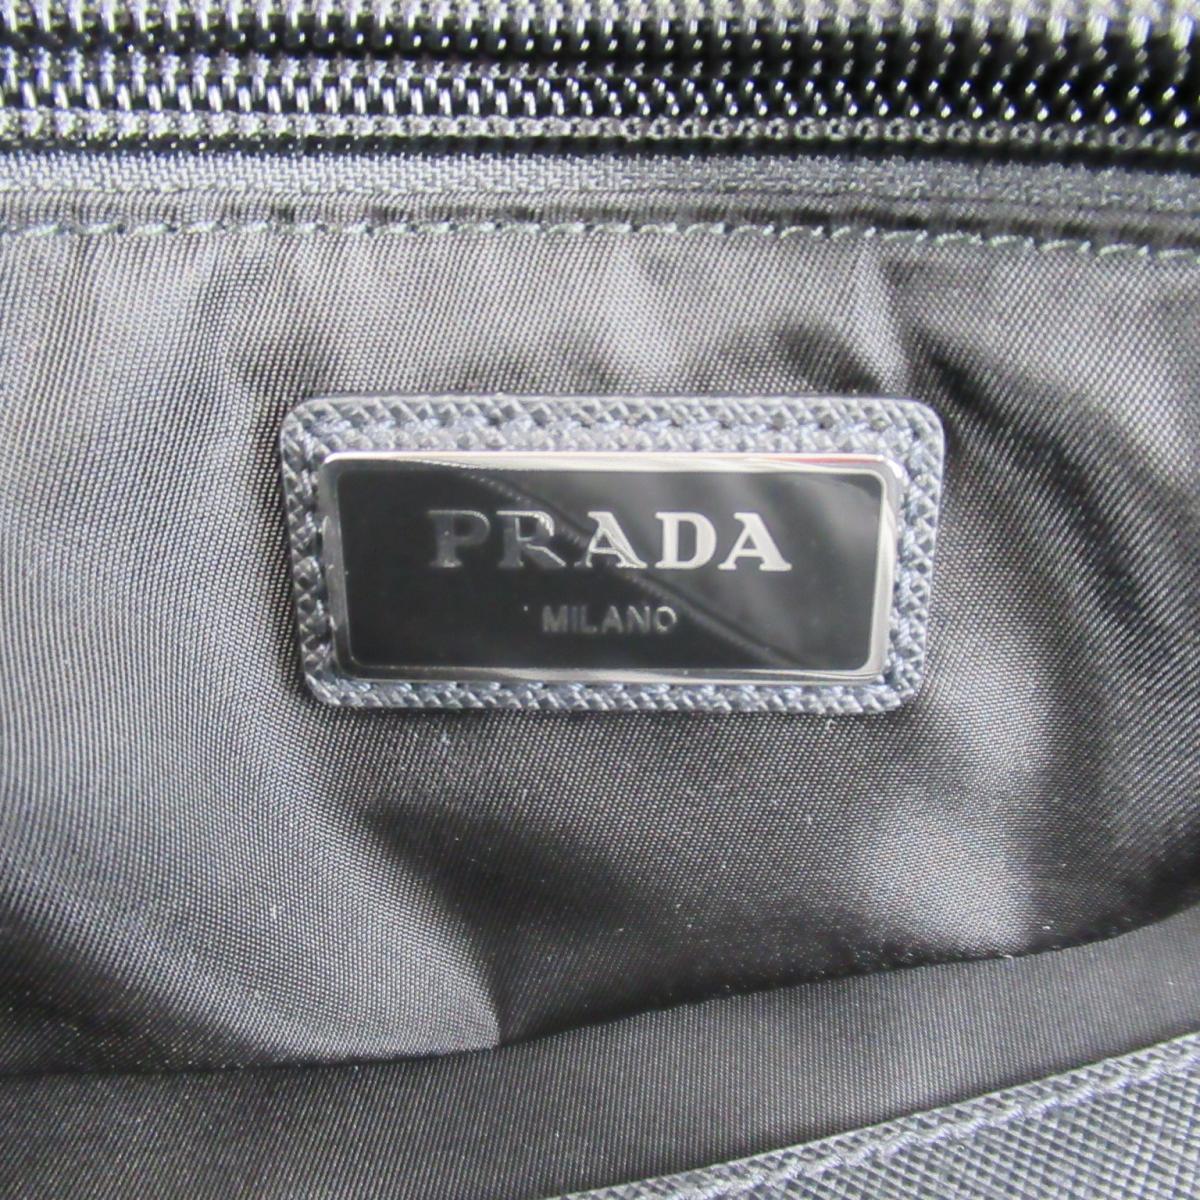 プラダ BAG ナイロン トートバッグ バッグ メンズ ブラック2VG042973F0002VzSpqUM